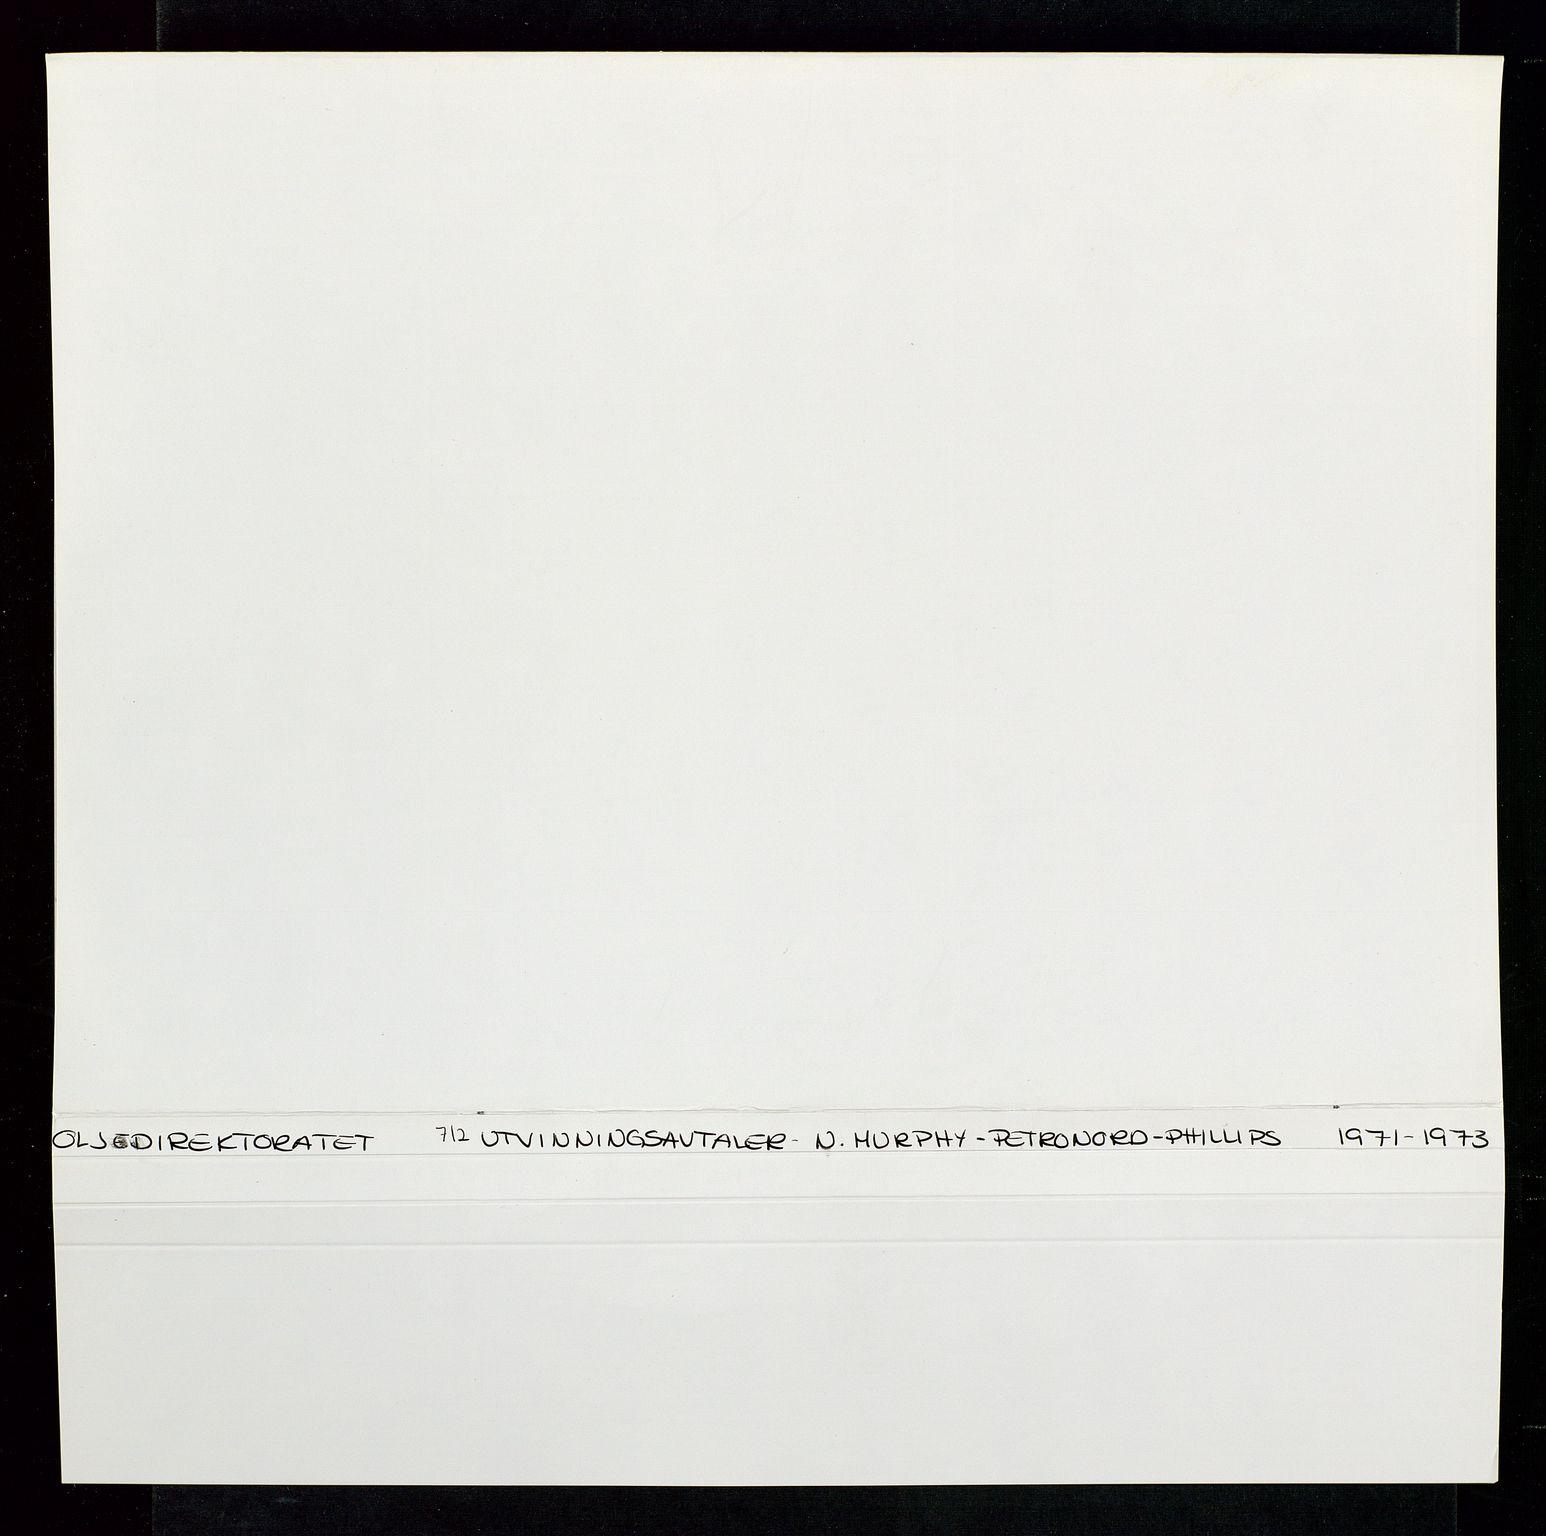 SAST, Industridepartementet, Oljekontoret, Da/L0004: Arkivnøkkel 711 - 712 Utvinningstillatelser, 1970-1971, s. 248